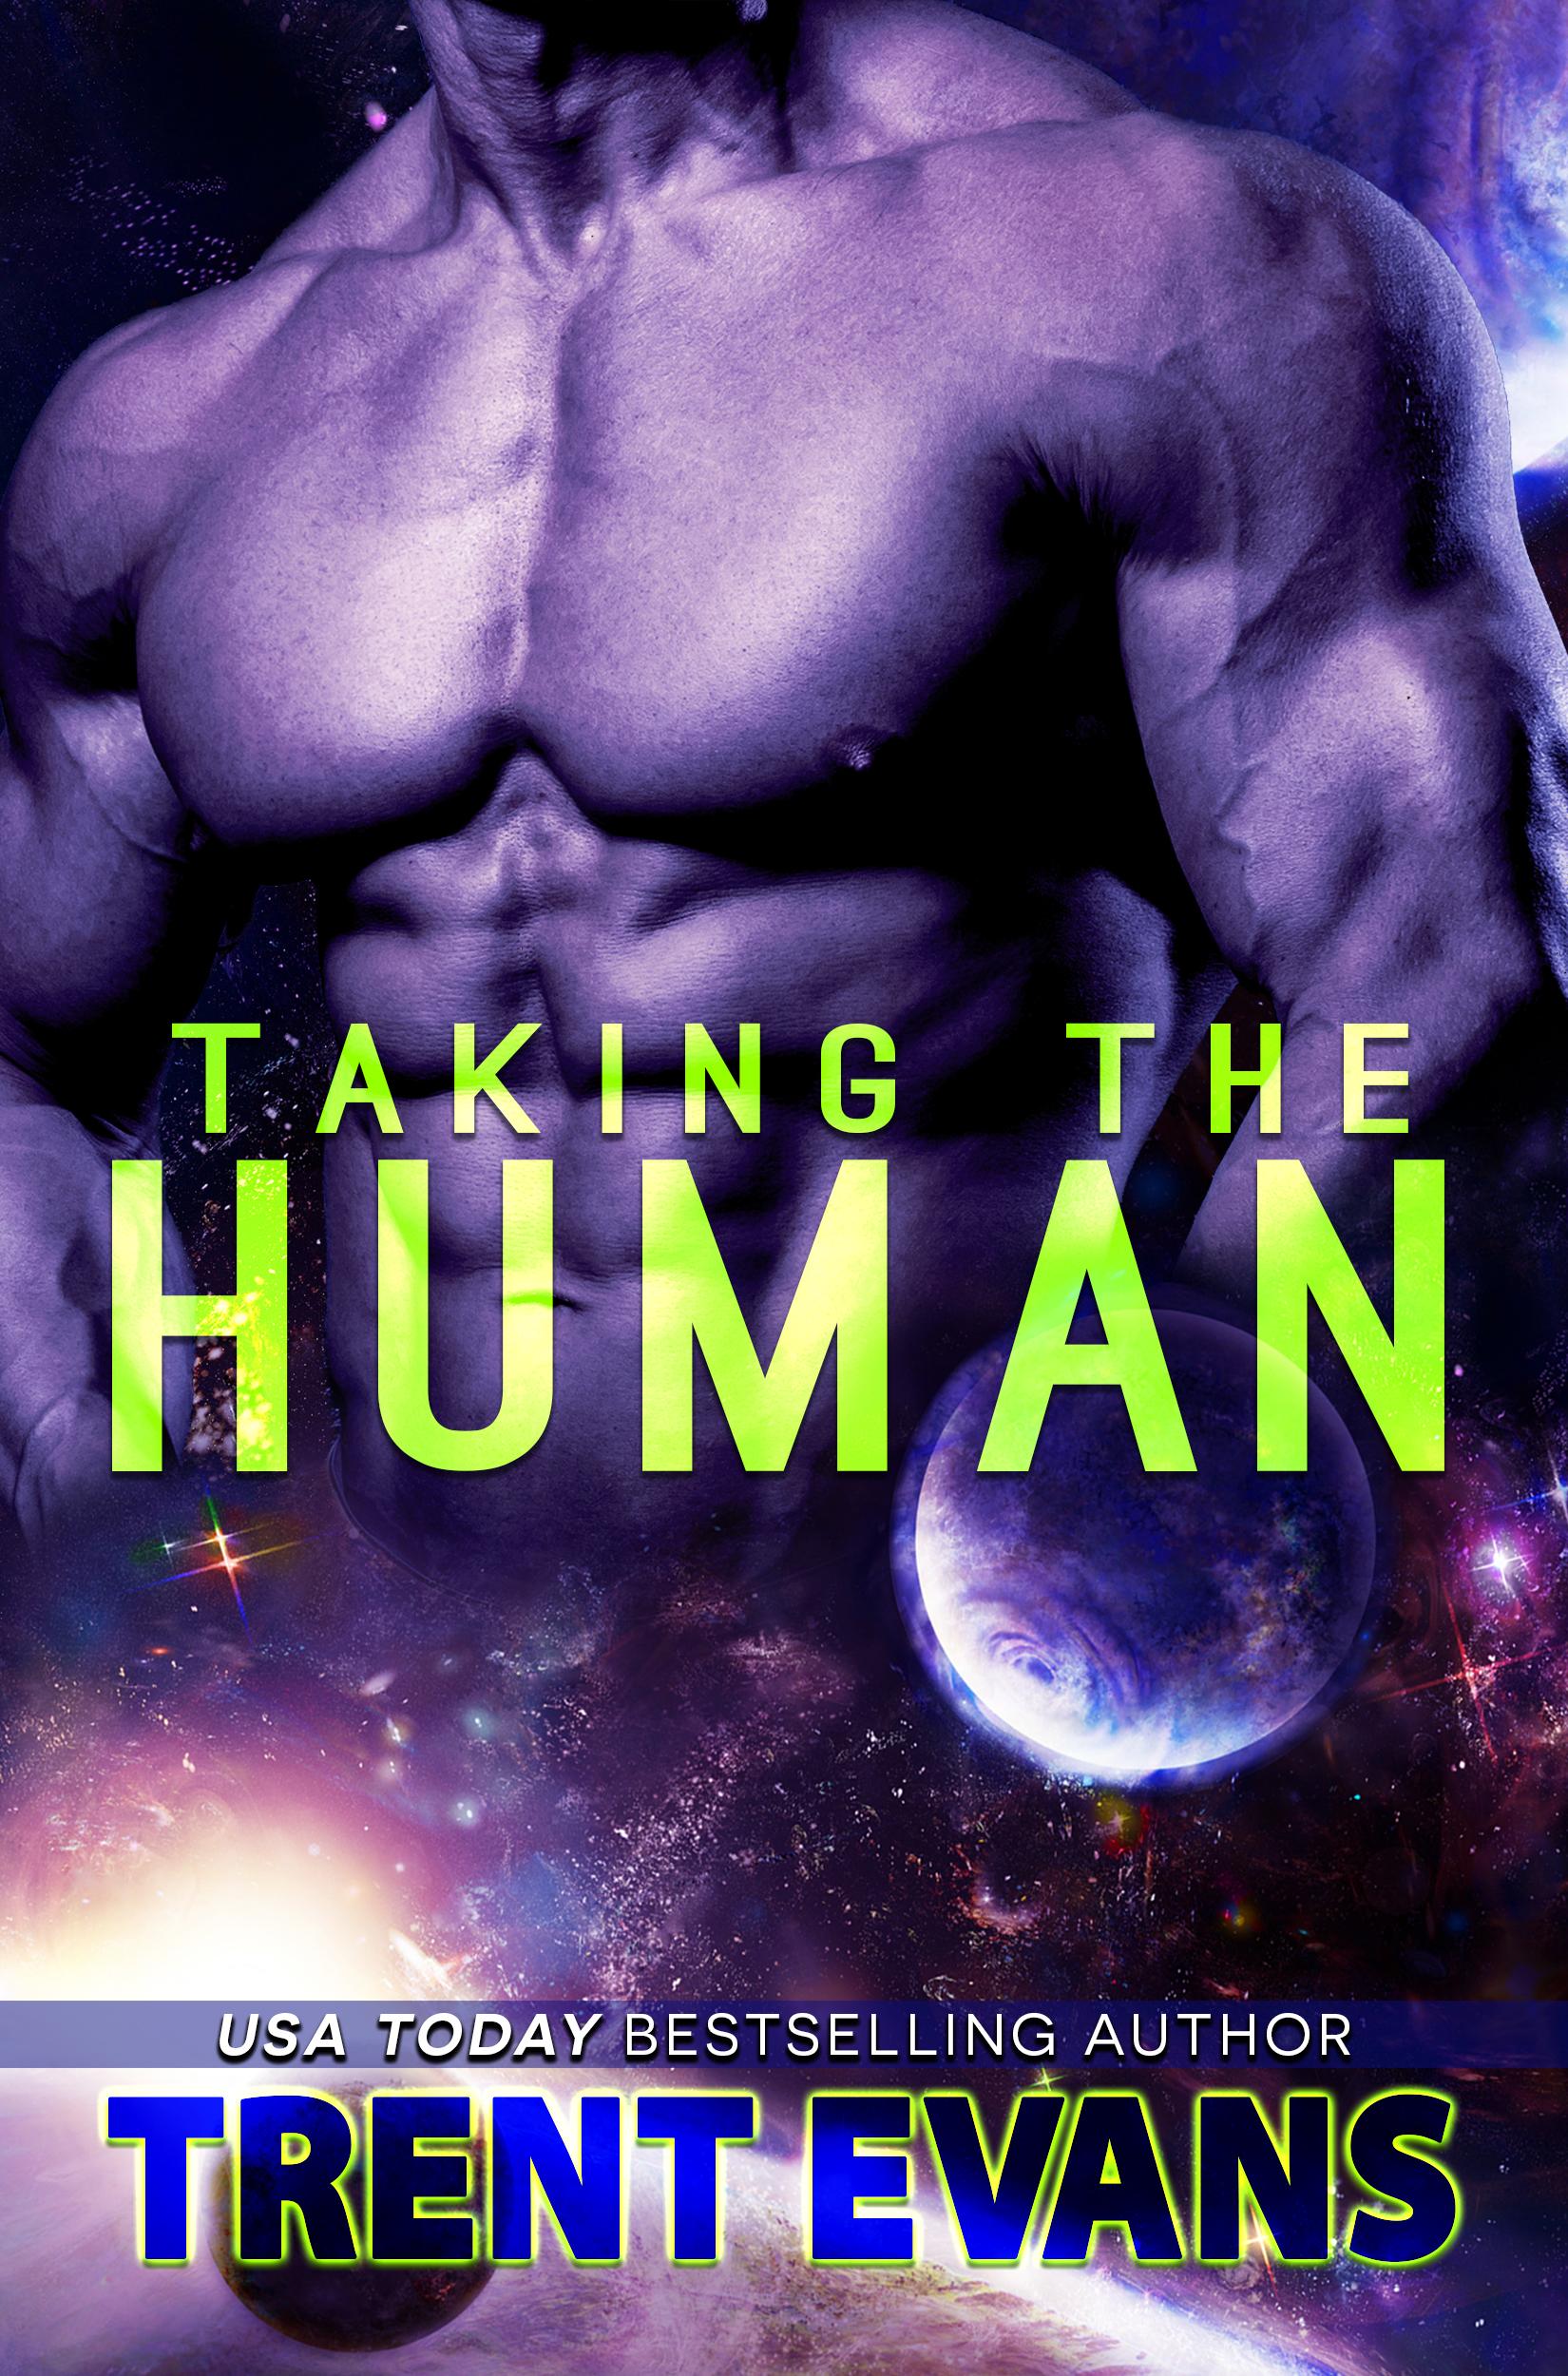 Taking The Human